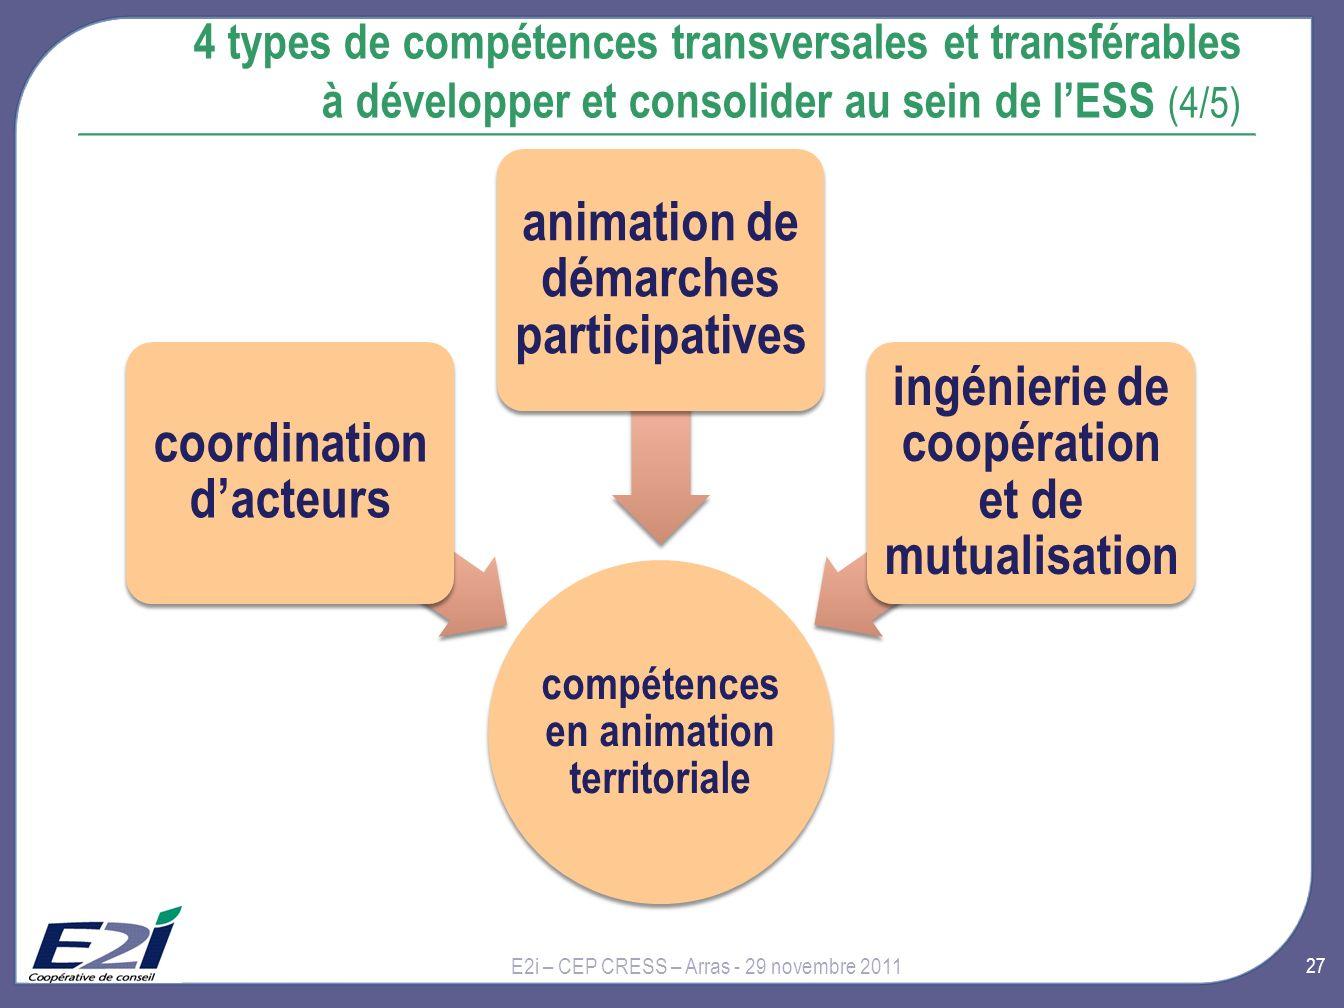 29 novembre 2011 4 types de compétences transversales et transférables à développer et consolider au sein de l'ESS (4/5)